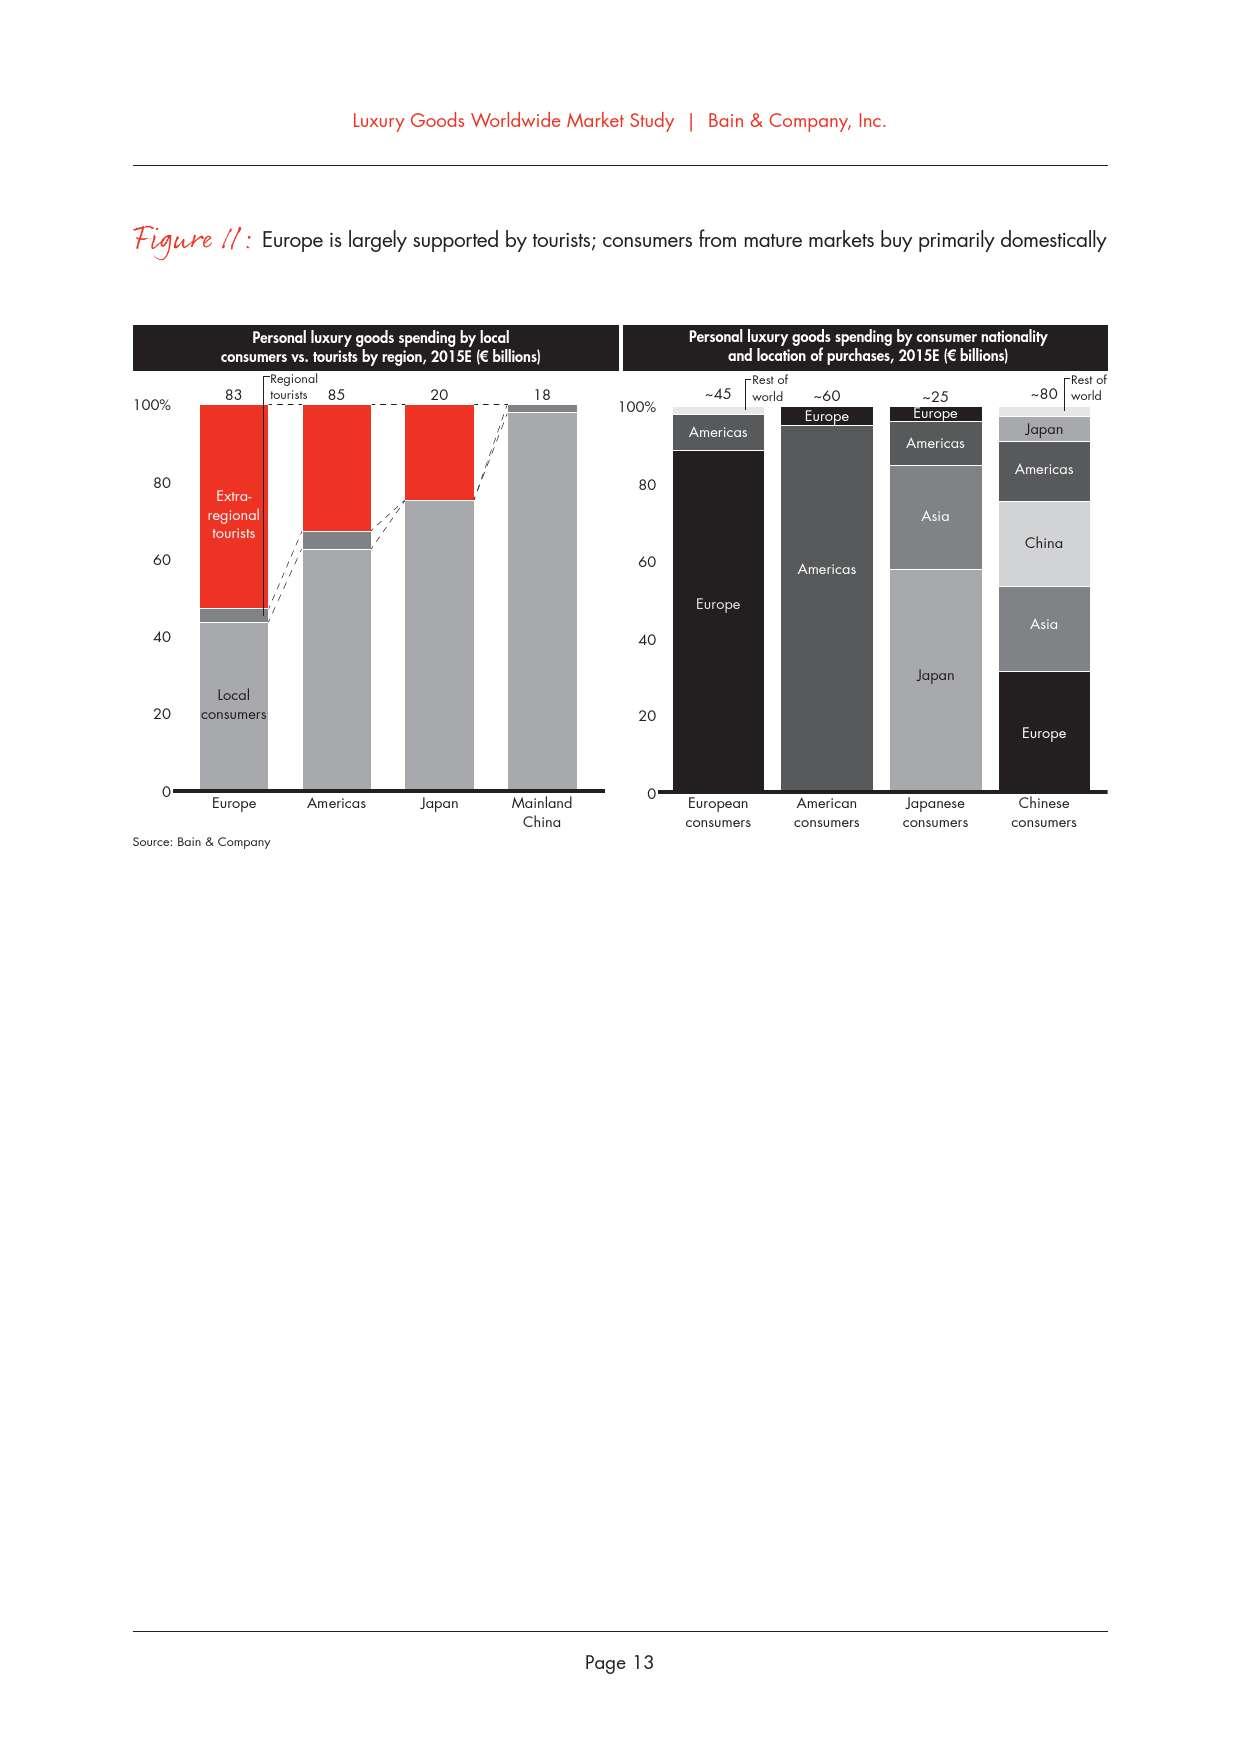 2015年全球奢侈品市场研究_000017